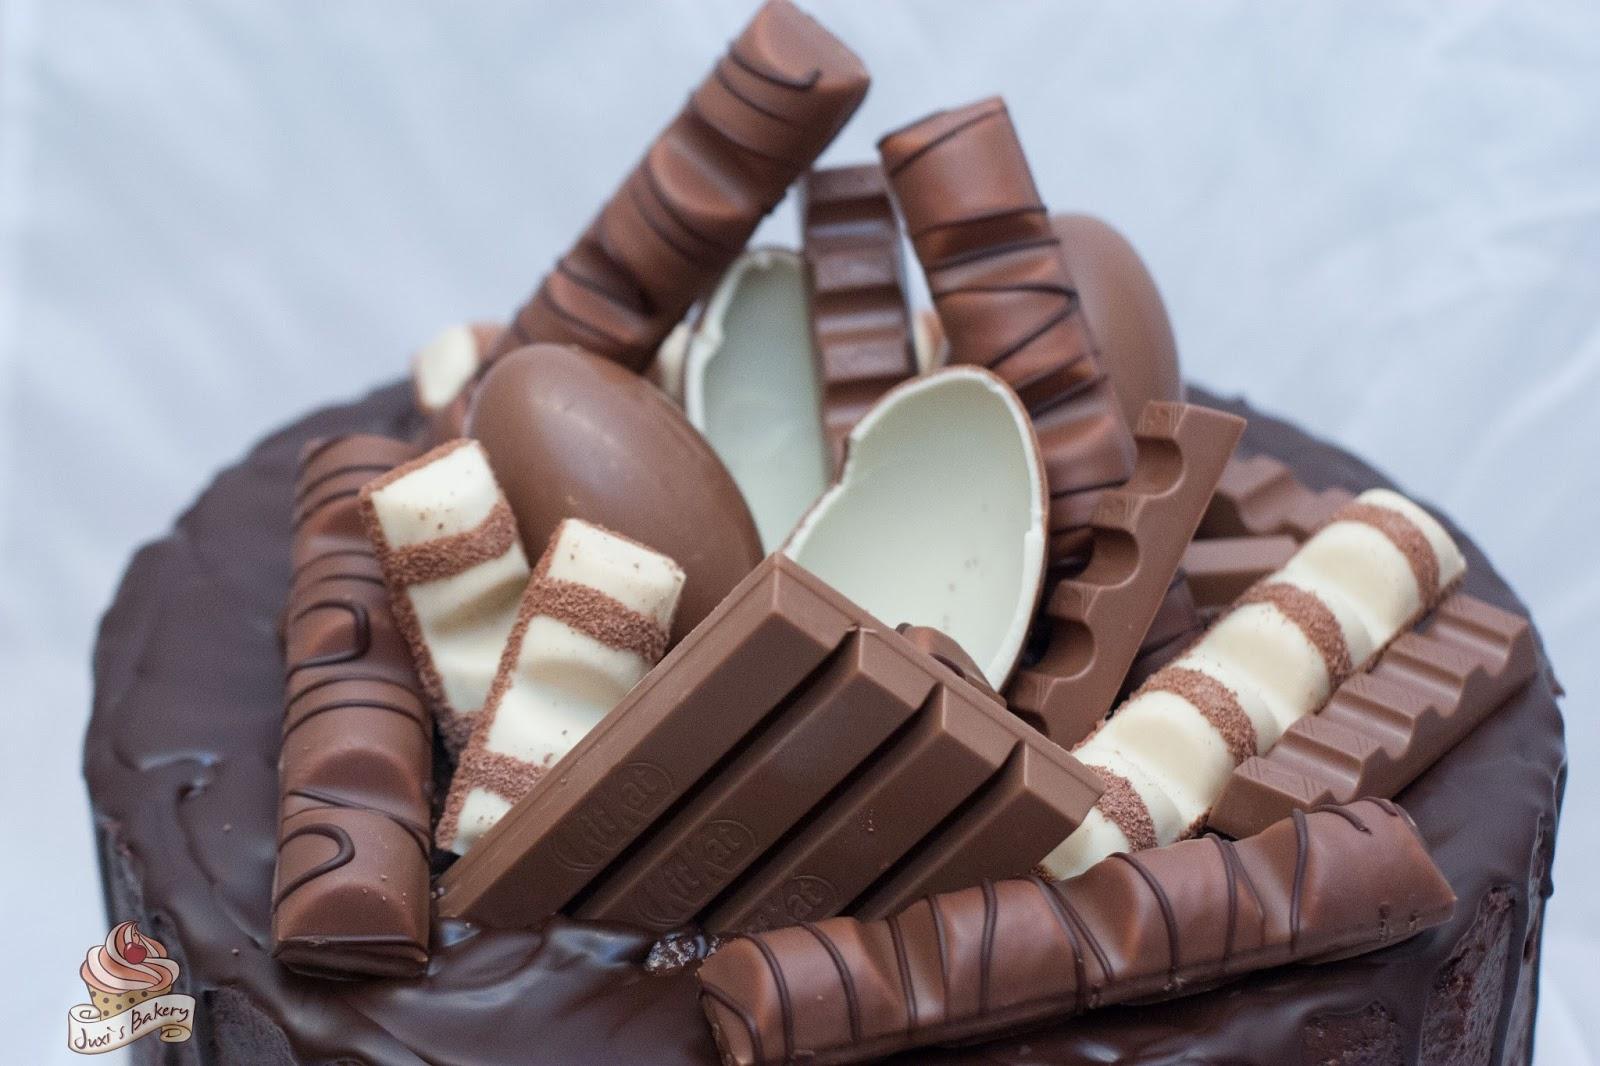 Juxi S Bakery Kinder Schoko Torte